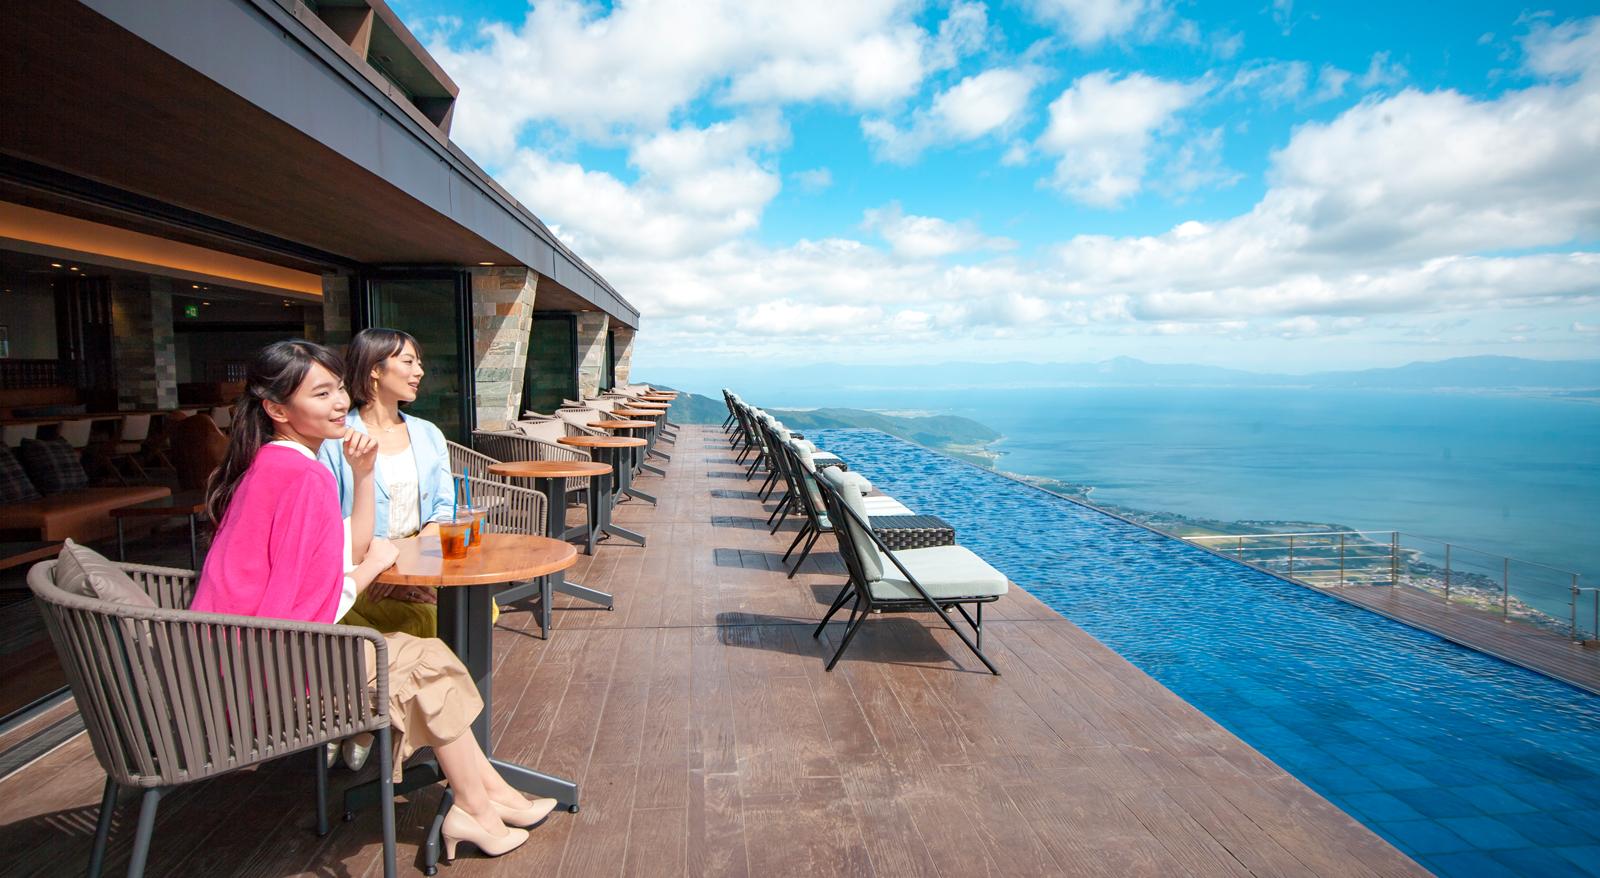 びわ湖バレイは大人気レジャースポット!琵琶湖一望の絶景リゾートで遊ぼう!